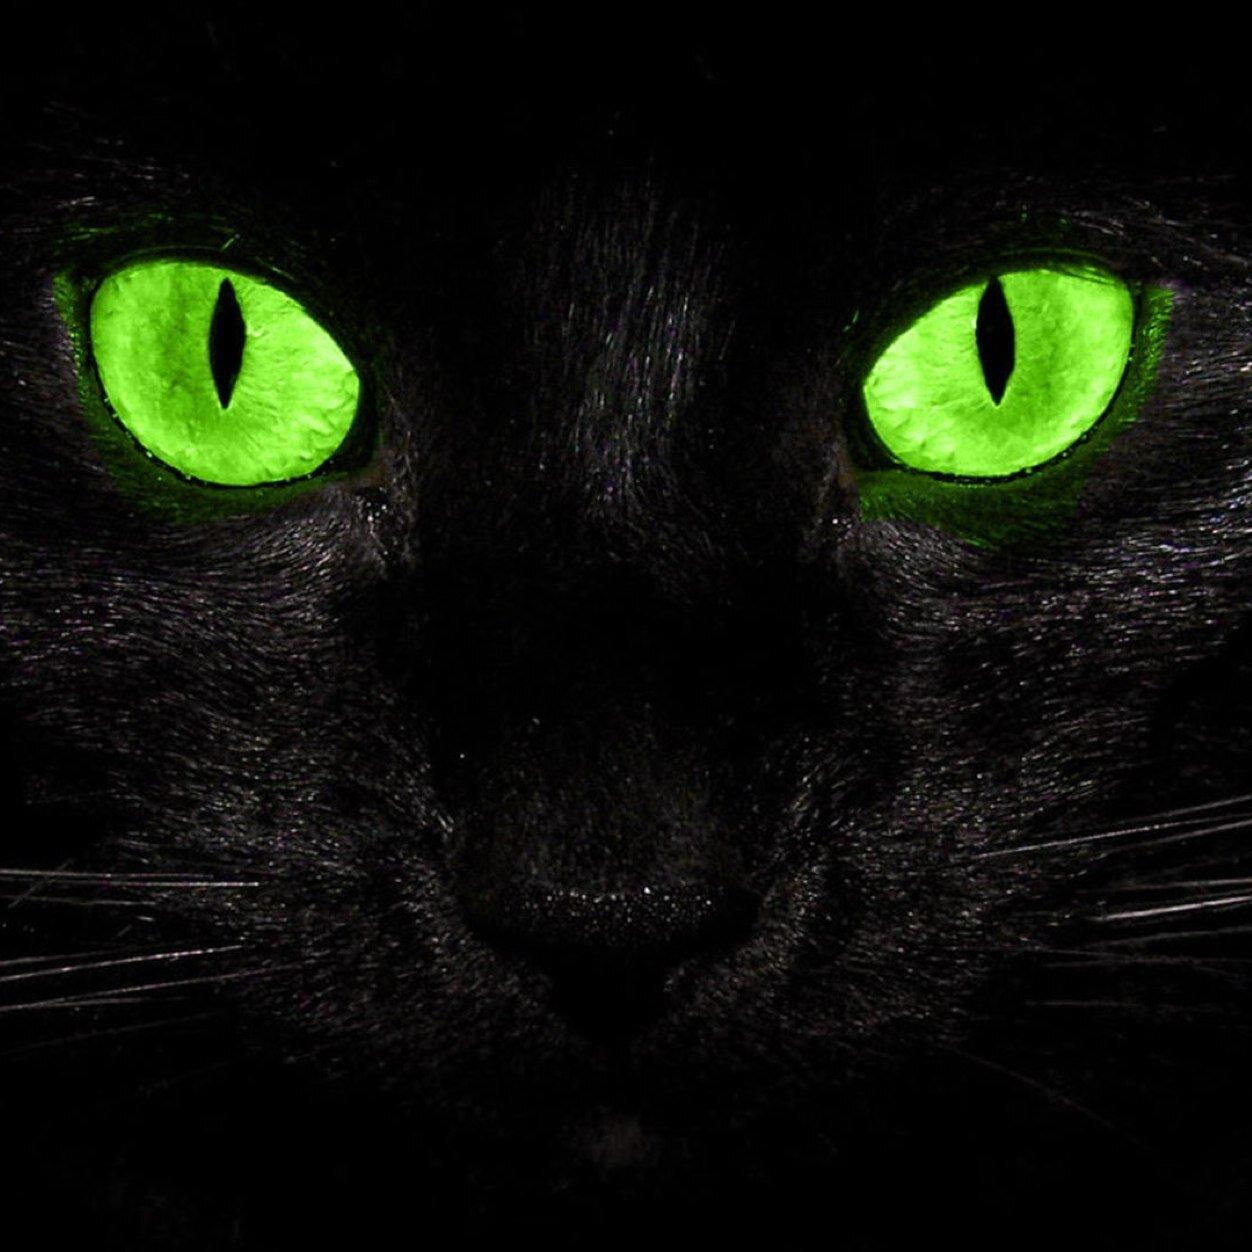 загрузки глаза кошки светятся в темноте картинки этап